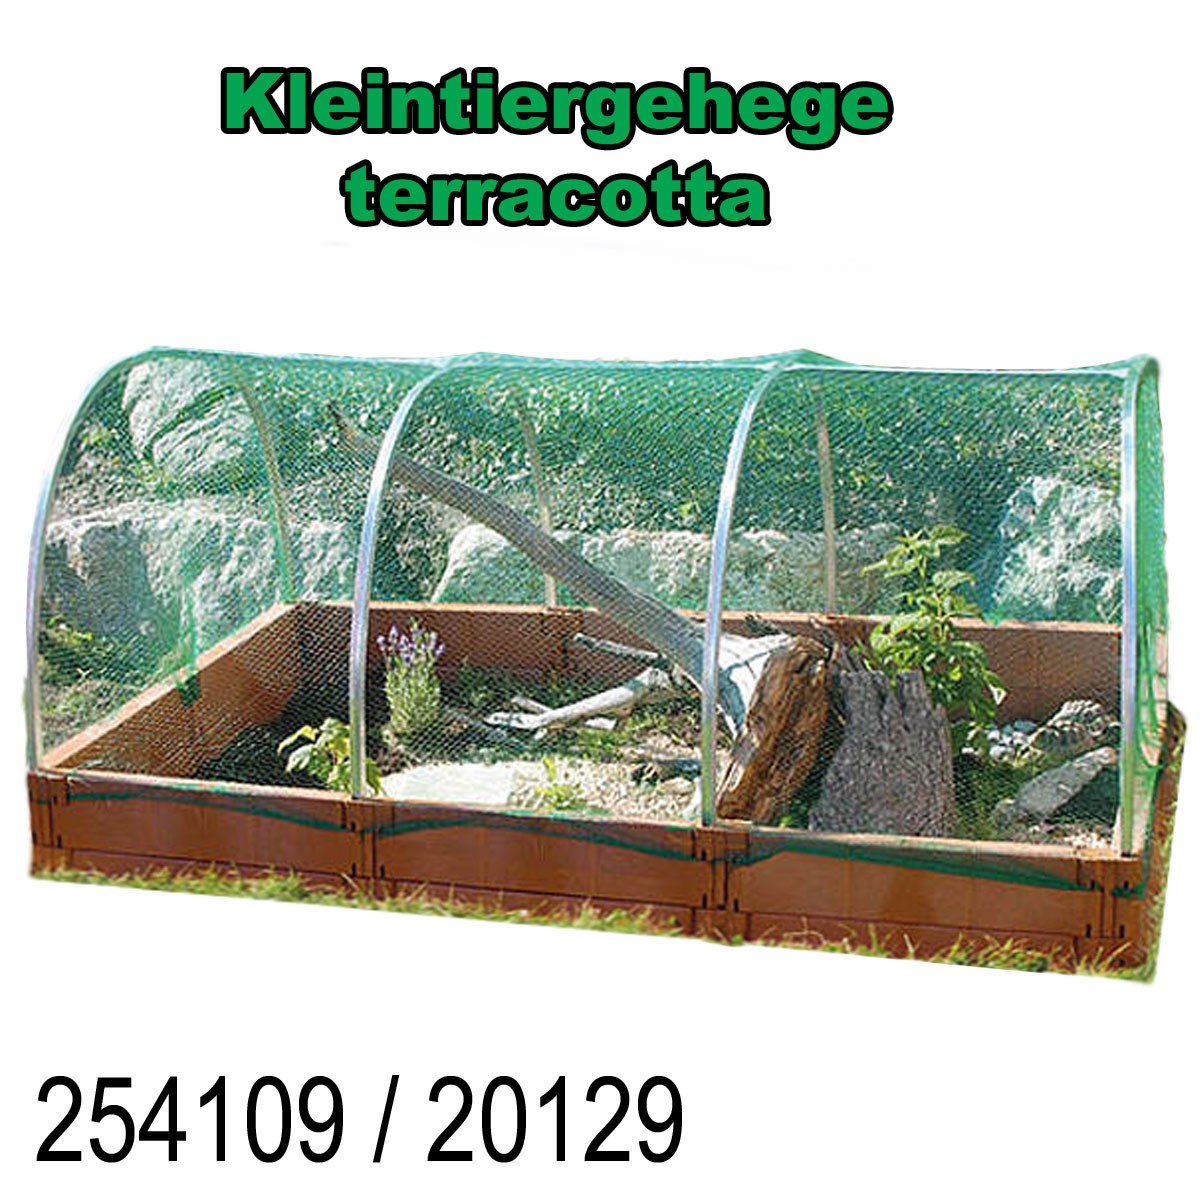 Juwel Kleintiergehege Kleintierauslauf Schildkröten 2m² terracotta/Basalt 20129